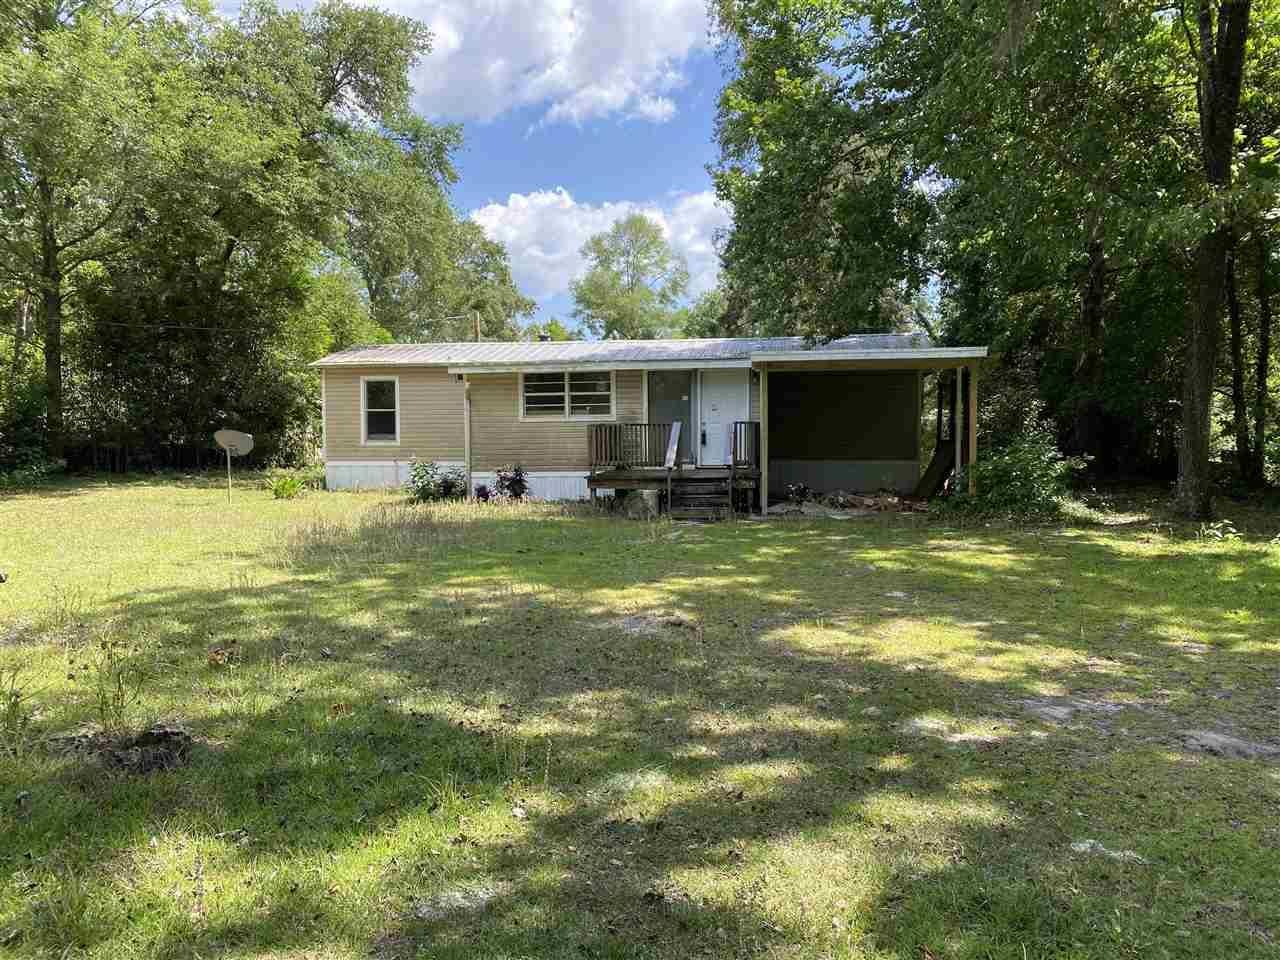 153 Crystal Lane, Crawfordville, FL 32327 - MLS#: 332938